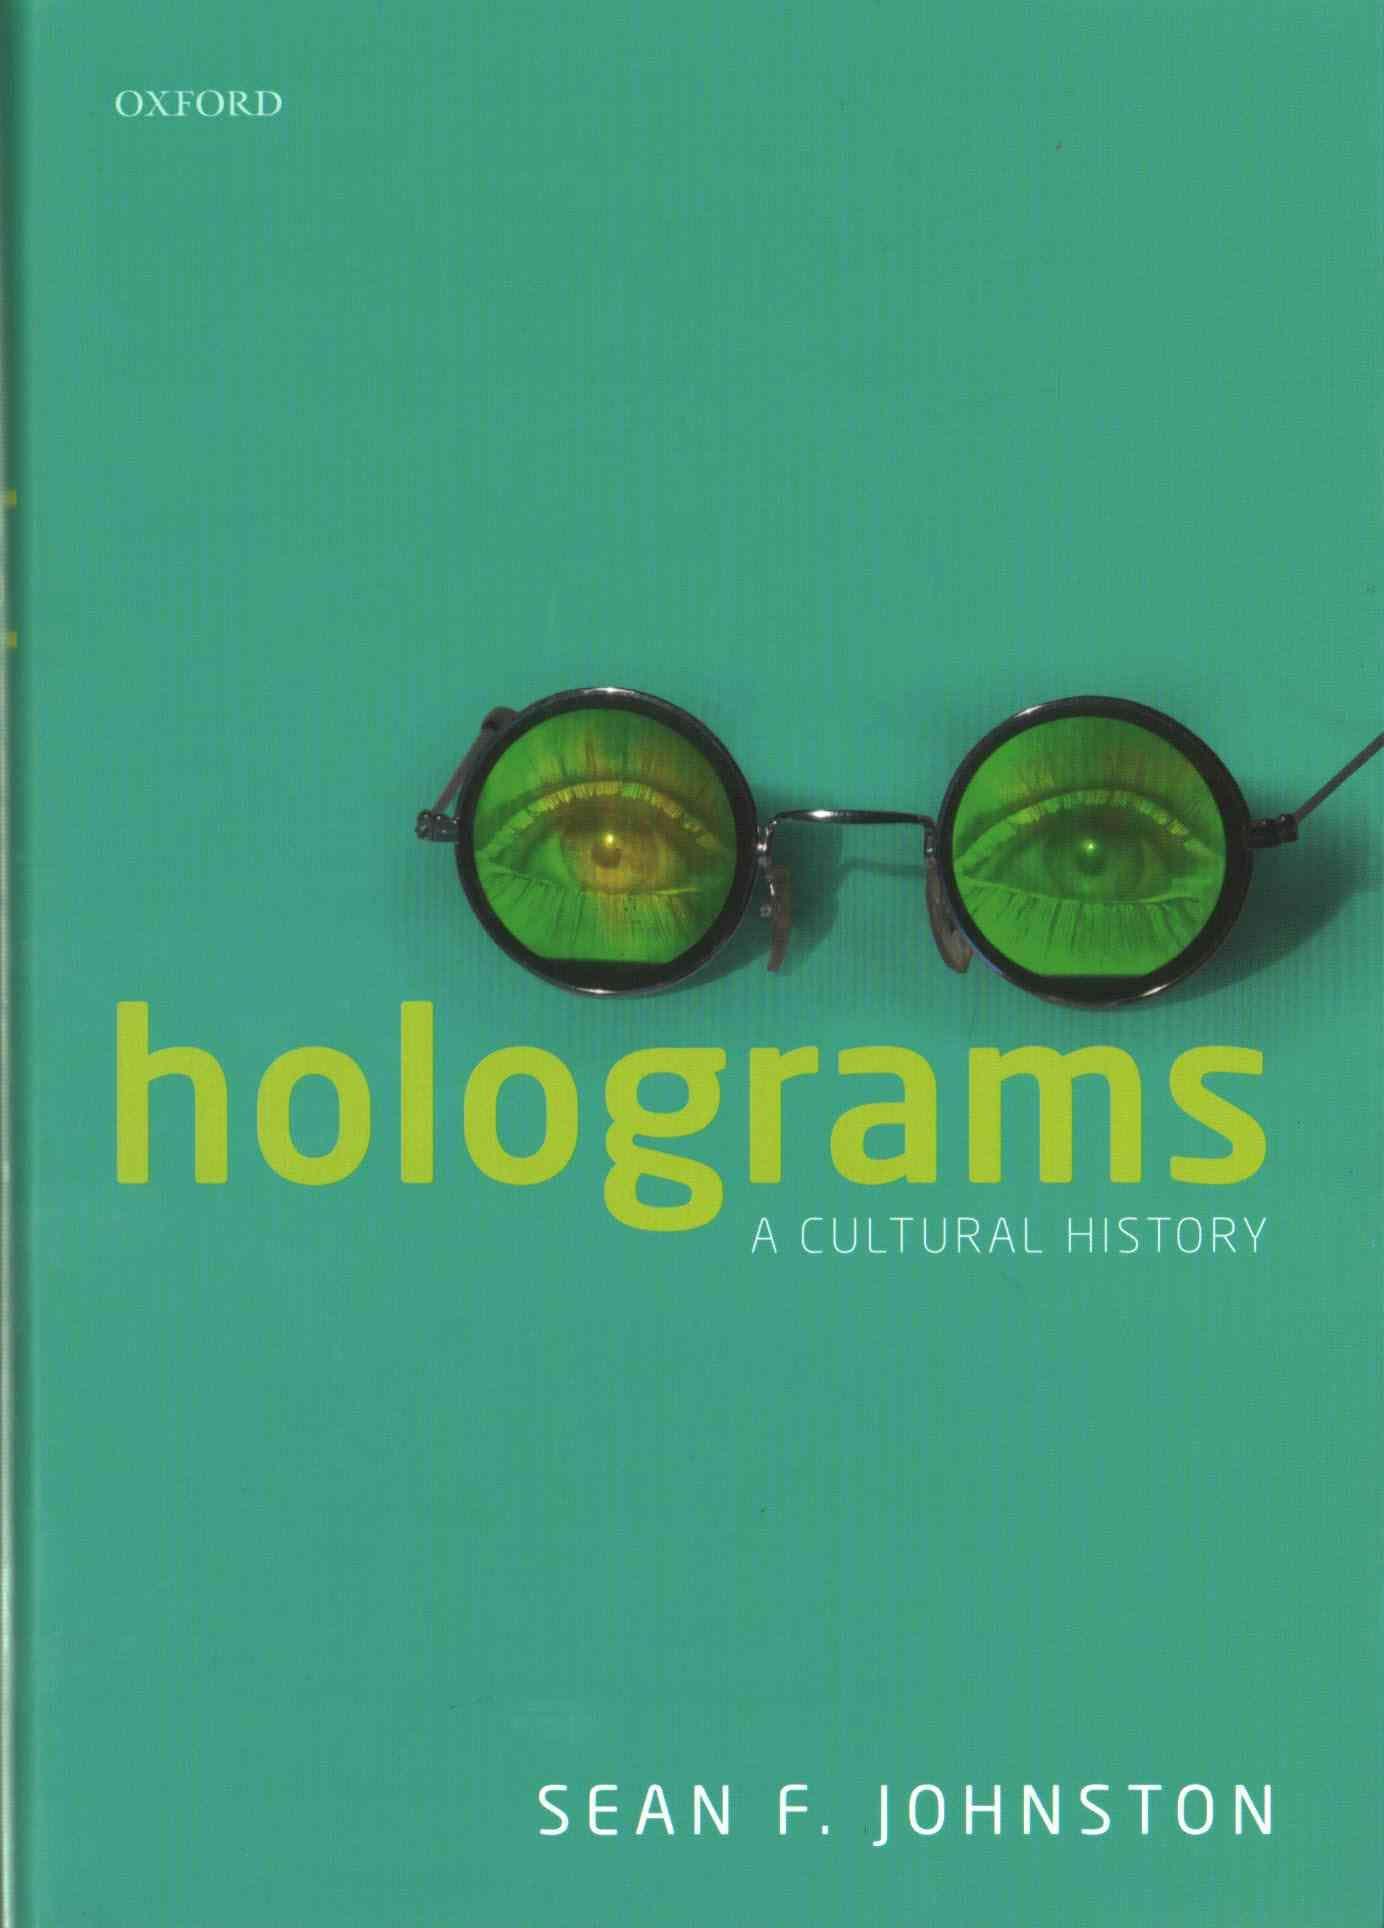 Holograms: A Cultural History